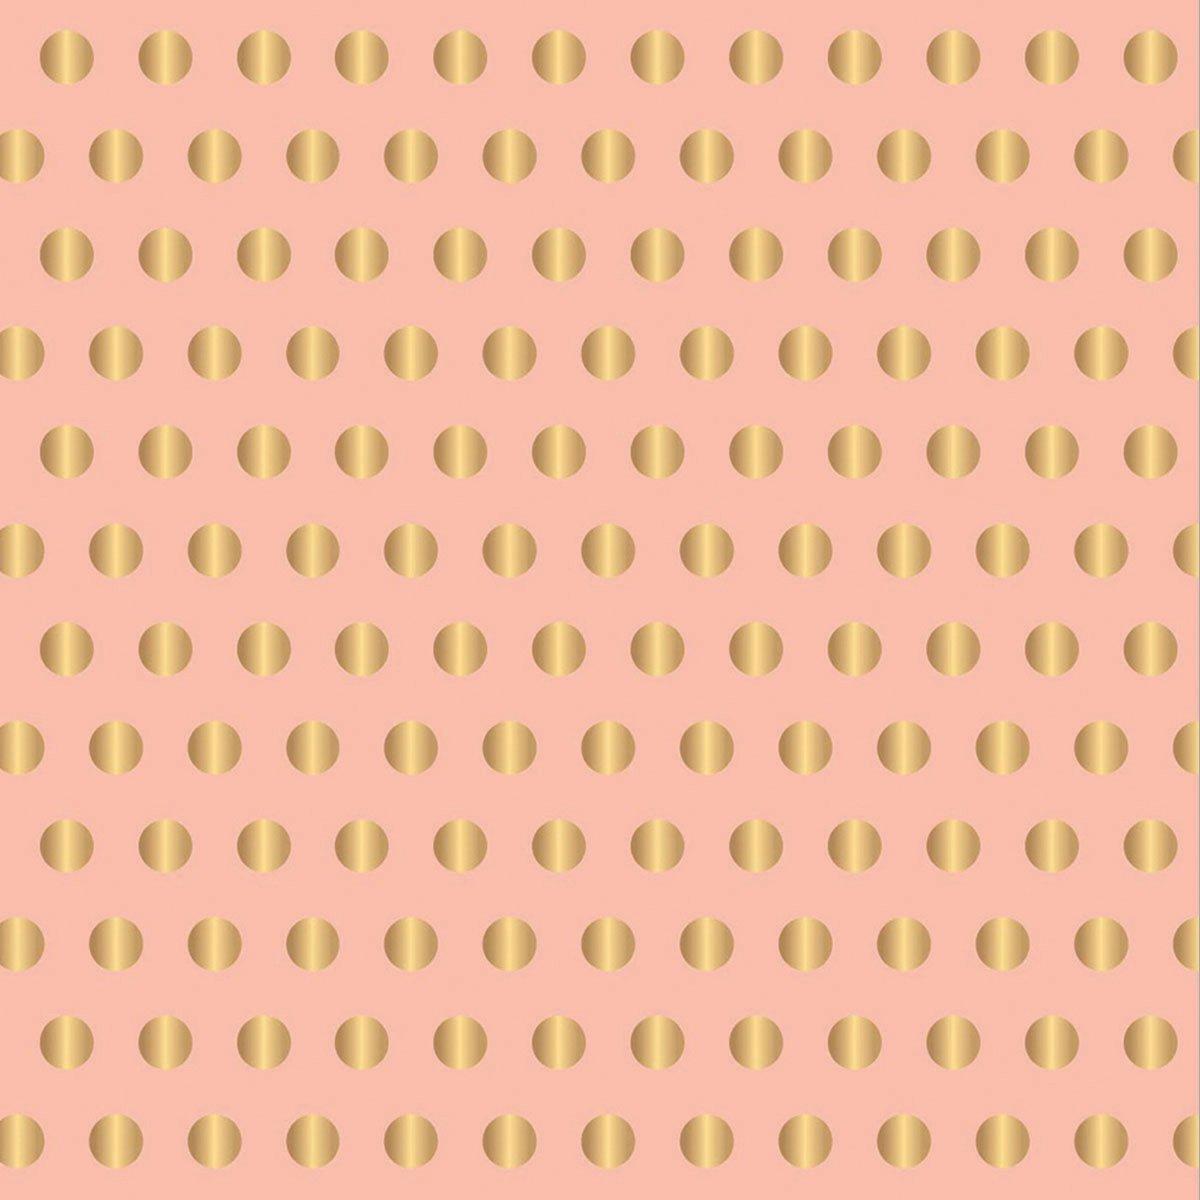 American Crafts コテージ リビングアクセント カードストック 12 x 12 ピンク 金箔ドット付き B00TLUD9GC